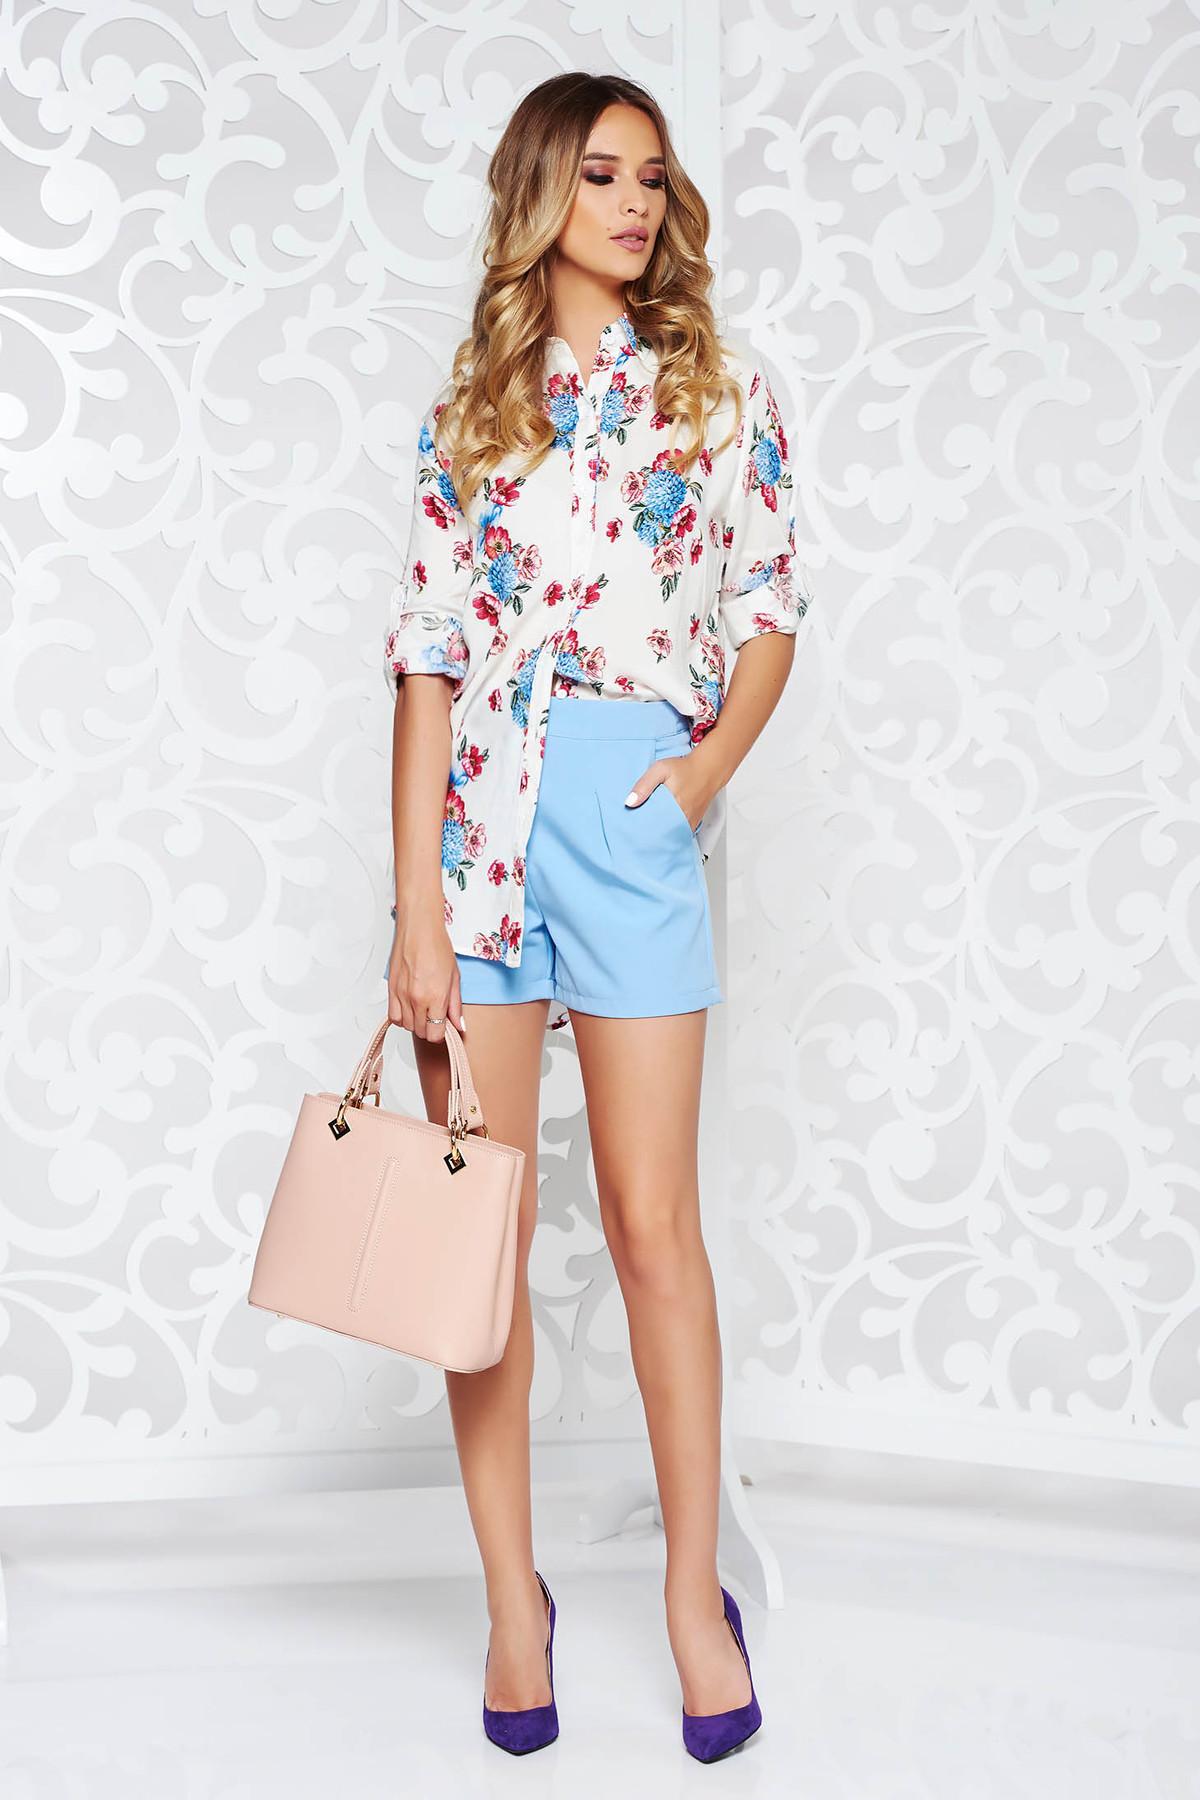 Camasa dama SunShine alba office cu croi larg din material usor transparent cu imprimeuri florale